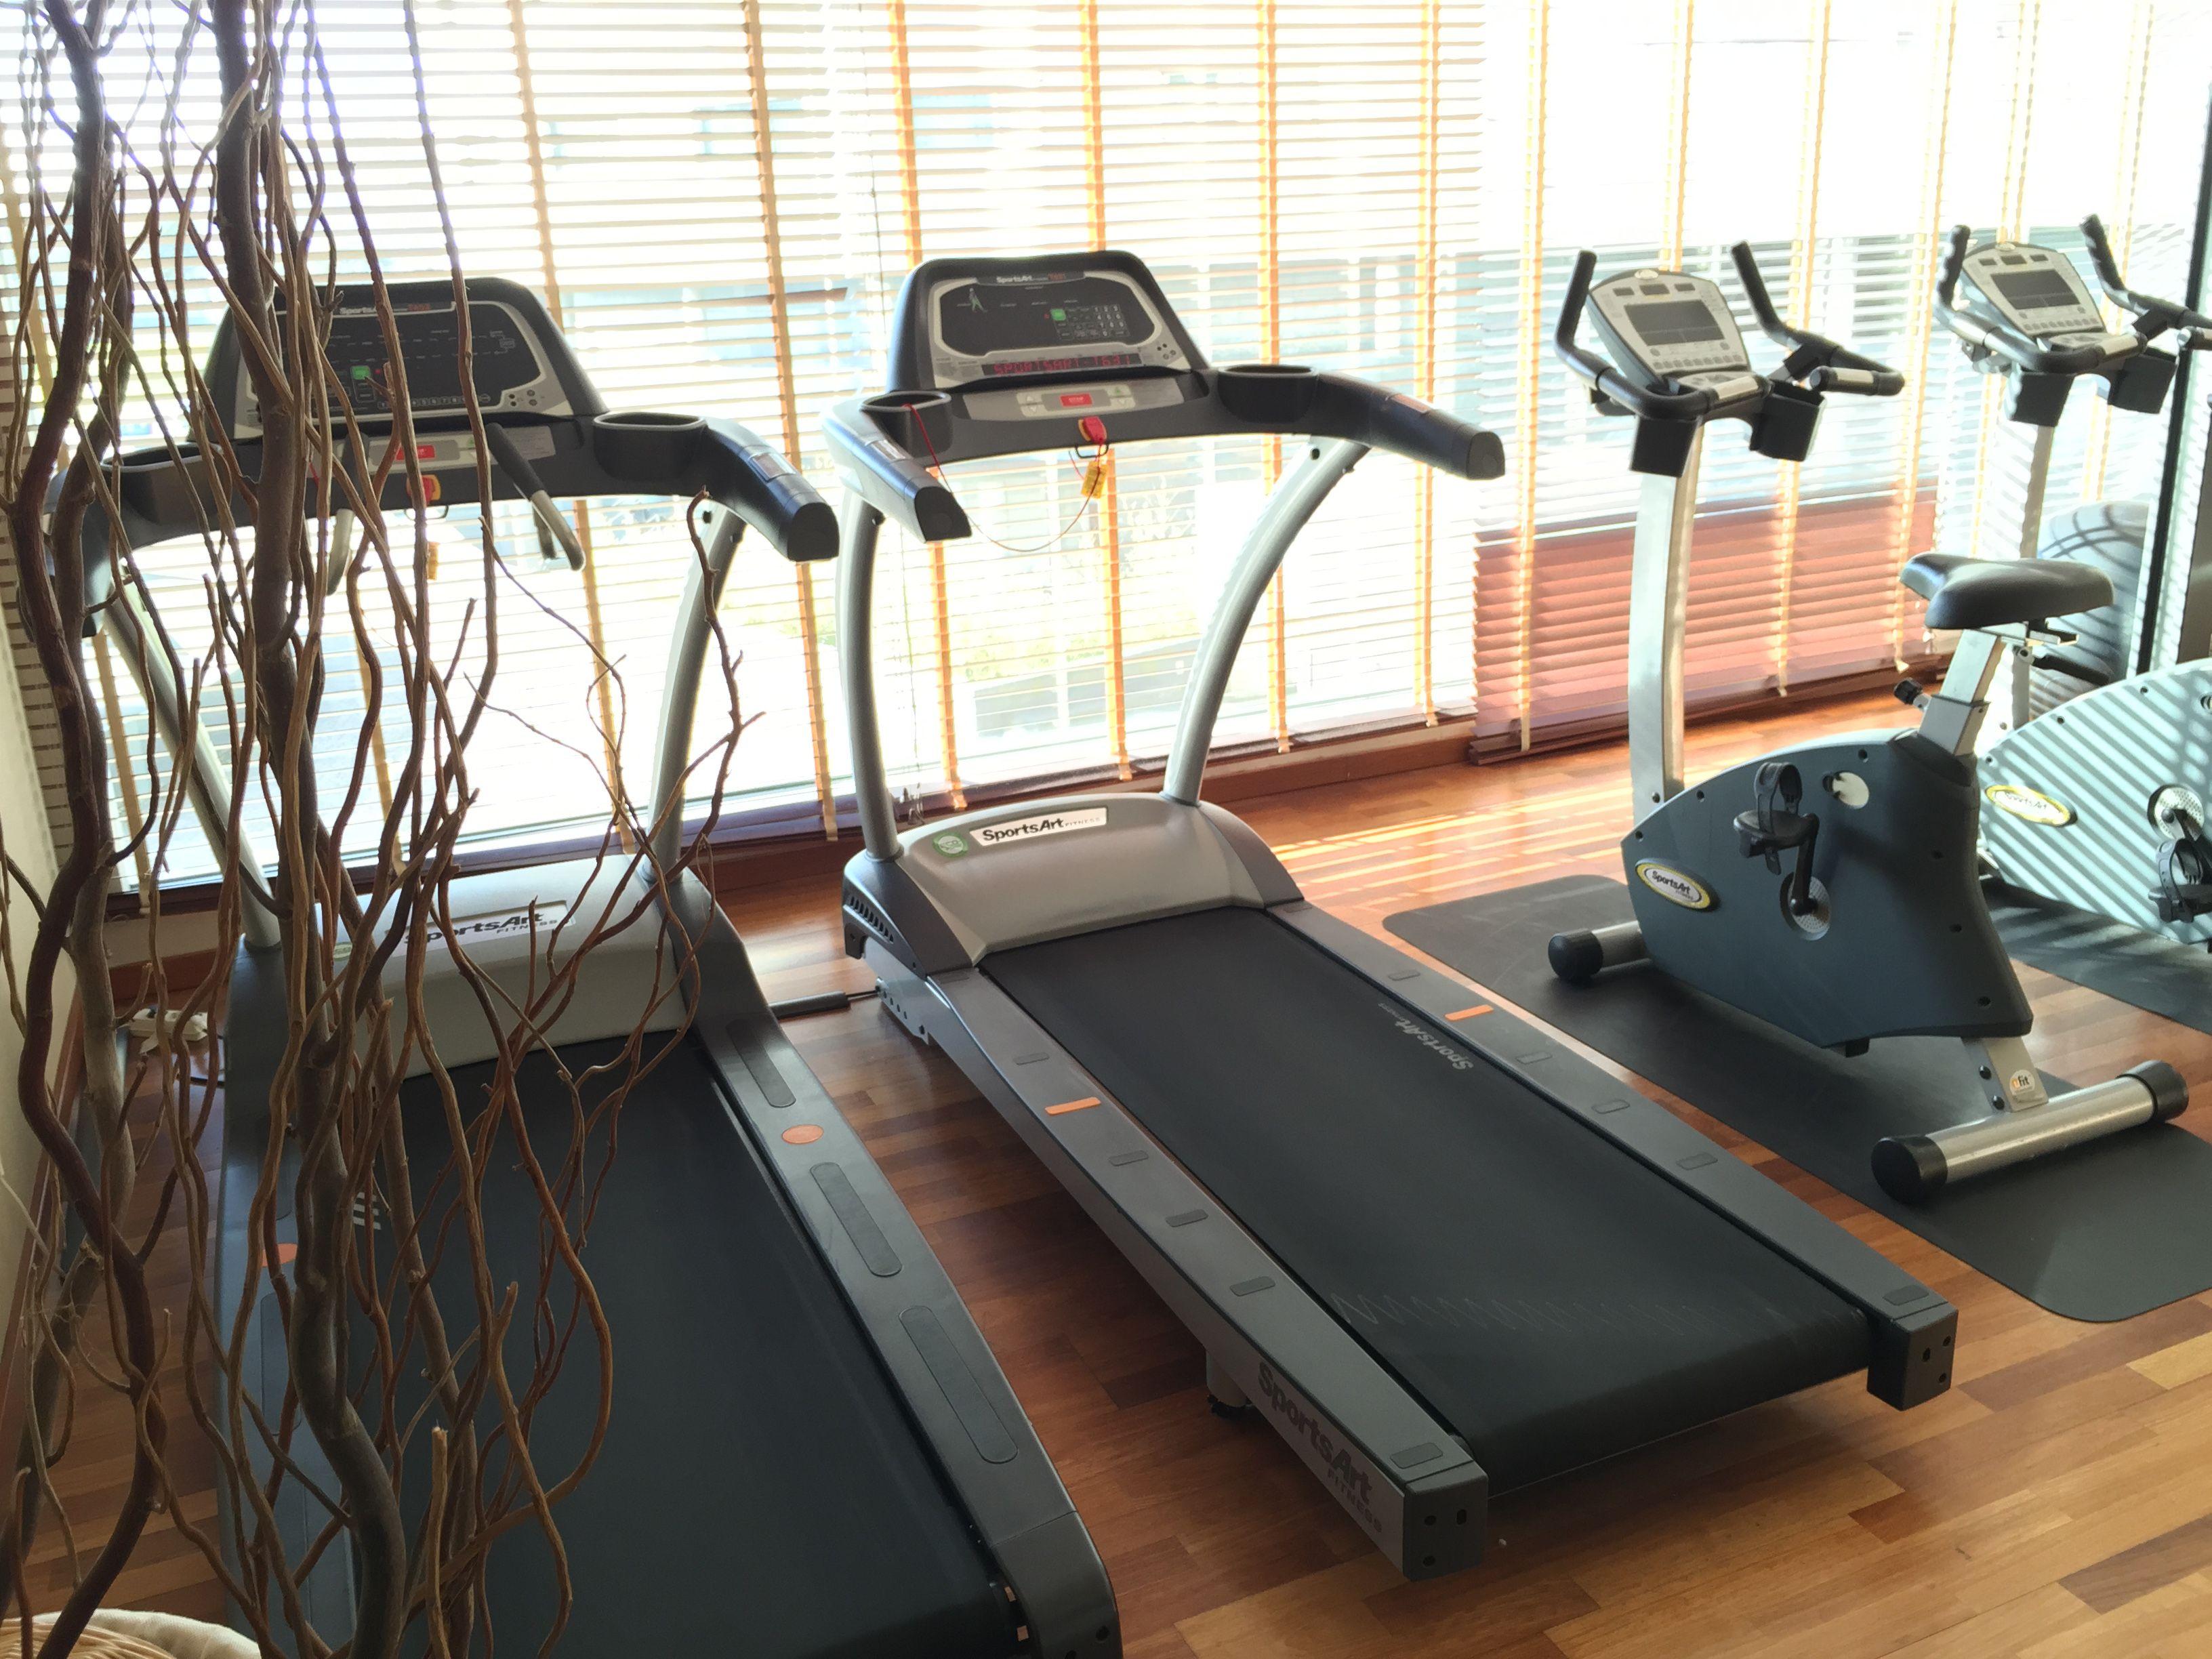 Circuito Y Servicios : Sabías que ofrecer un circuito con máquinas de gimnasio entre los